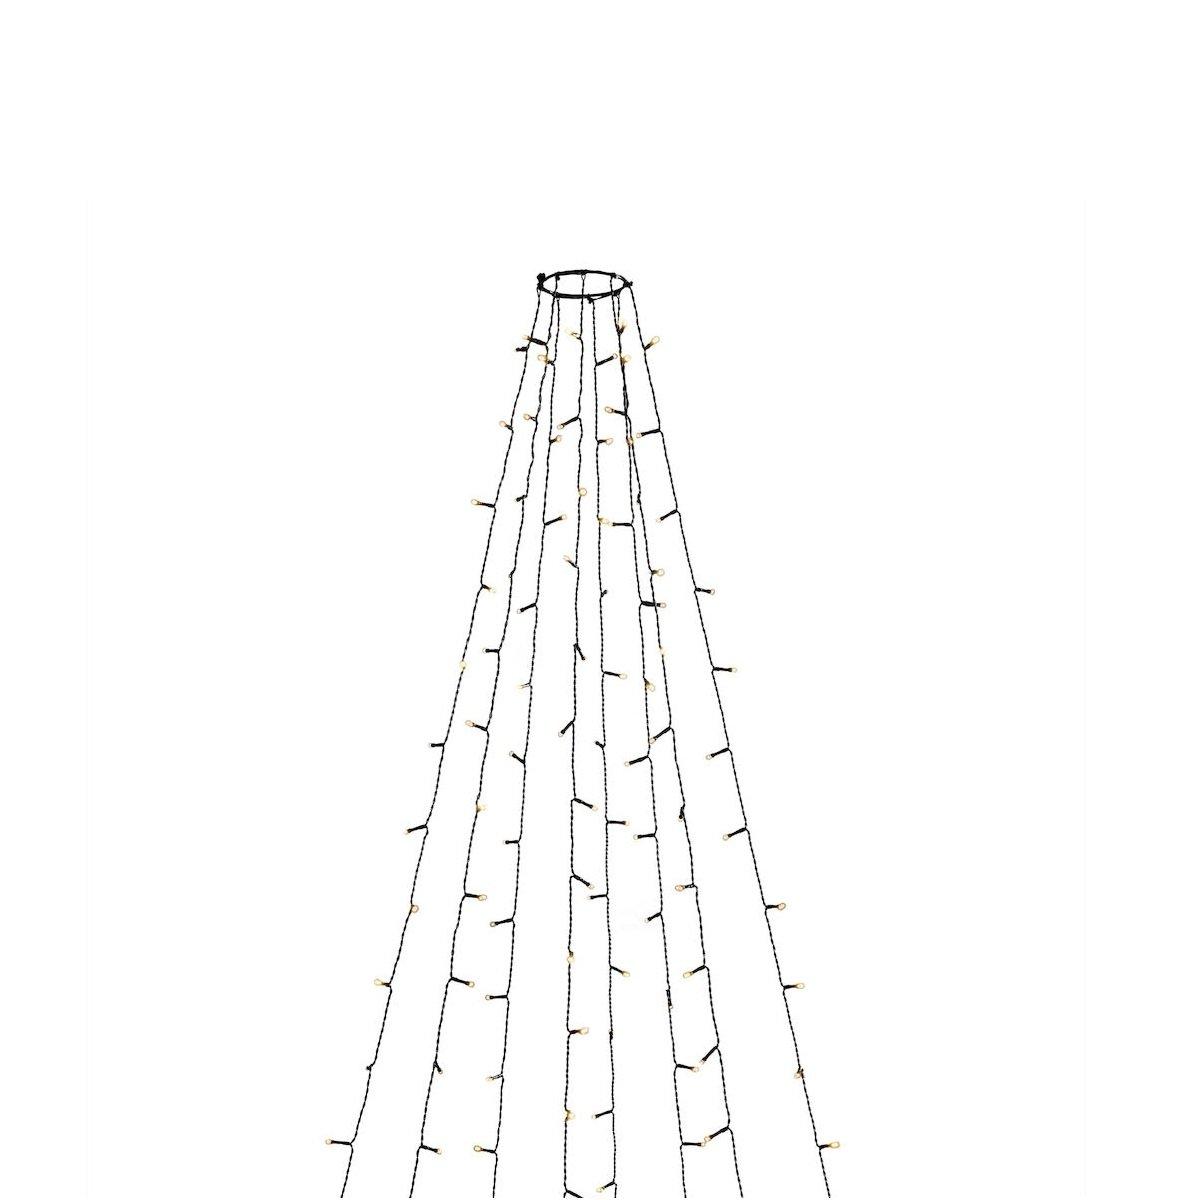 Konstsmide No 6321 810 Led Baummantel 400 Bernsteinfarbene Dioden Glimmereffekt Ip44 Lampen Leuchten Gunstig Kauf